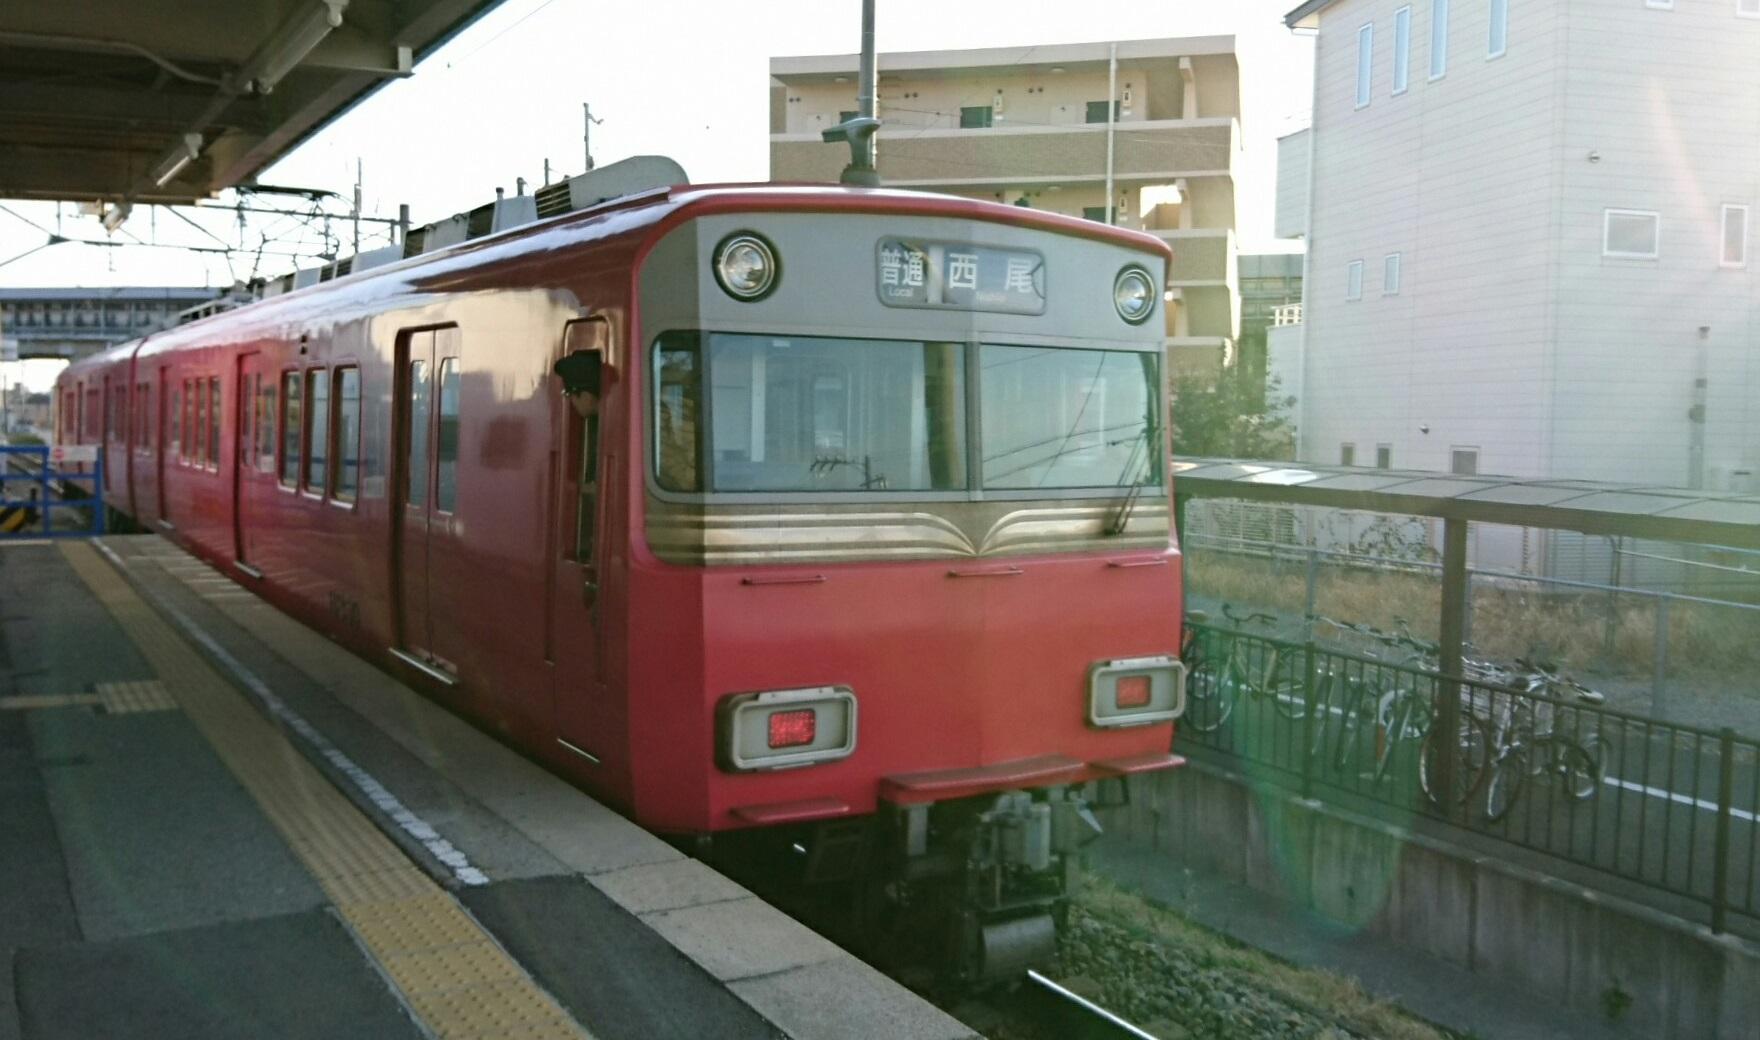 2017.3.12 名古屋 (50) 古井 - 西尾いきふつう 1760-1040